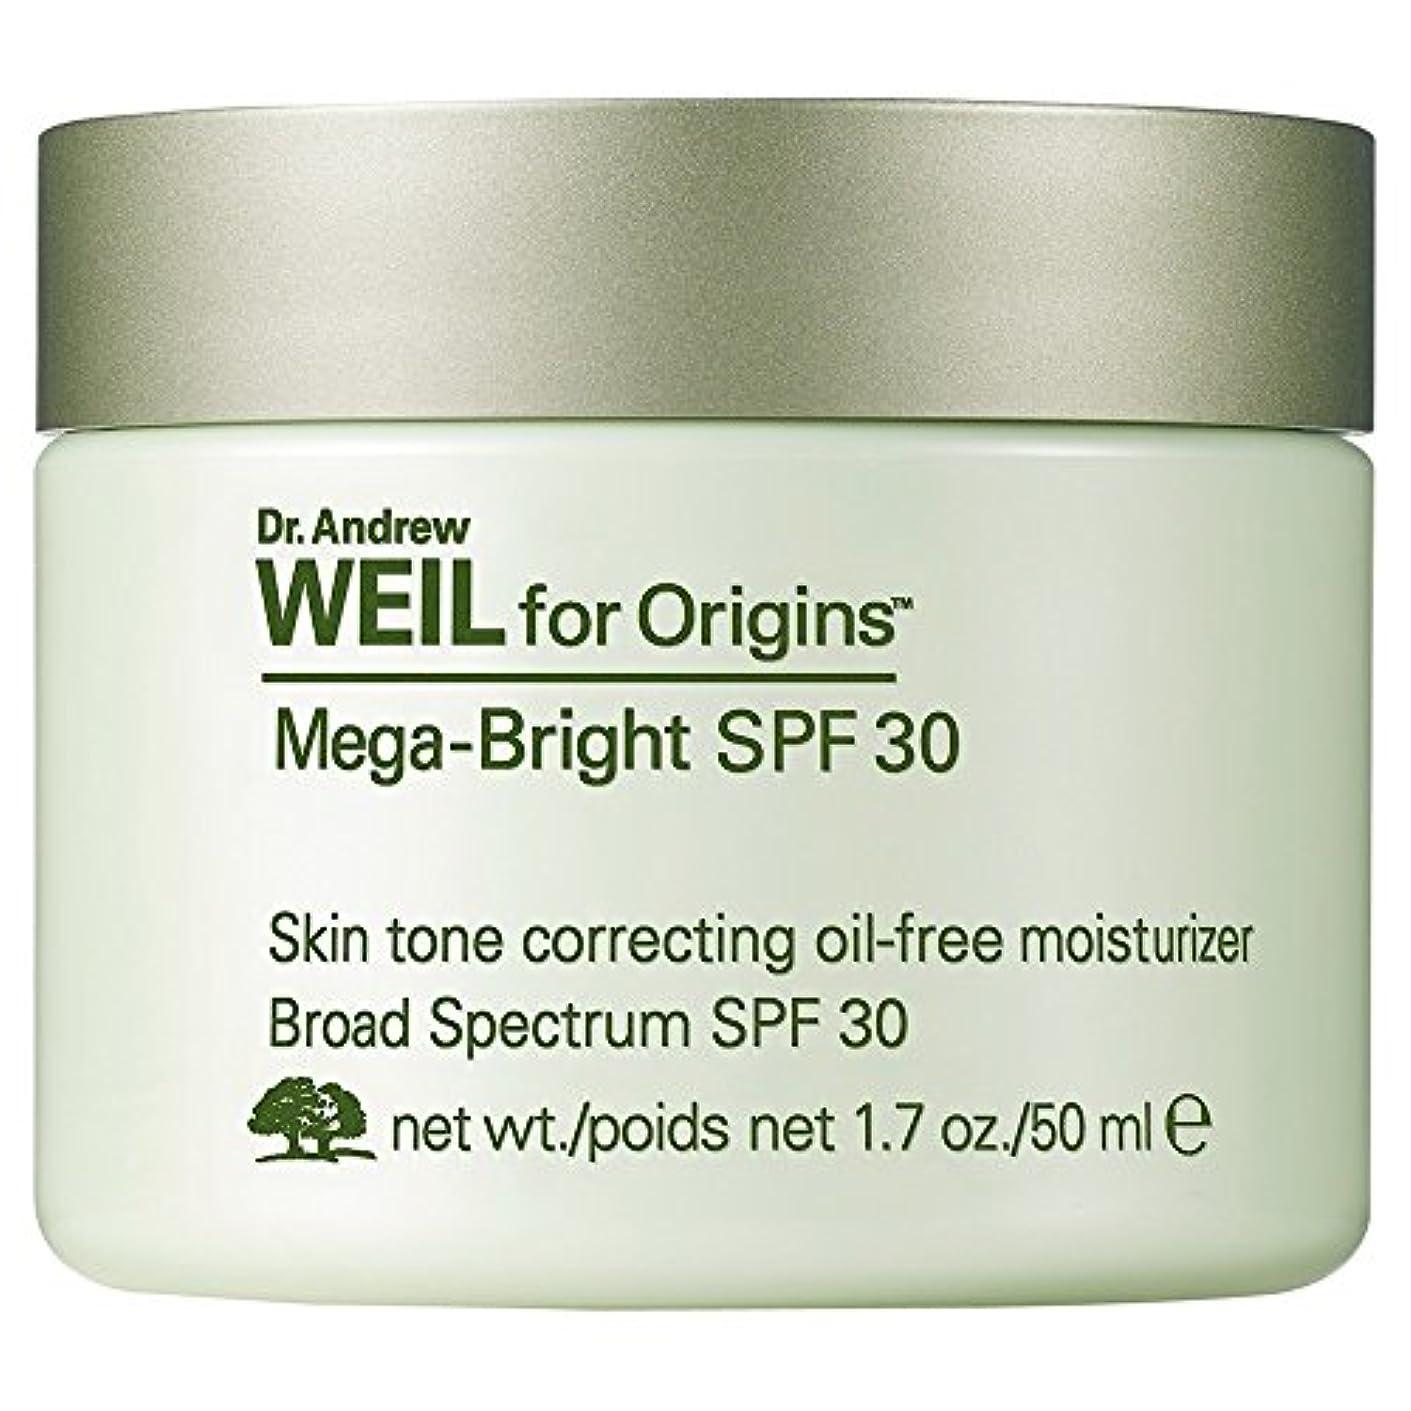 国籍上に築きます細分化するDr。保湿、50ミリリットルの補正アンドルー?ワイルメガブライトSpf30の肌のトーン (Origins) (x2) - Dr. Andrew Weil Mega-Bright SPF30 Skin Tone Correcting...